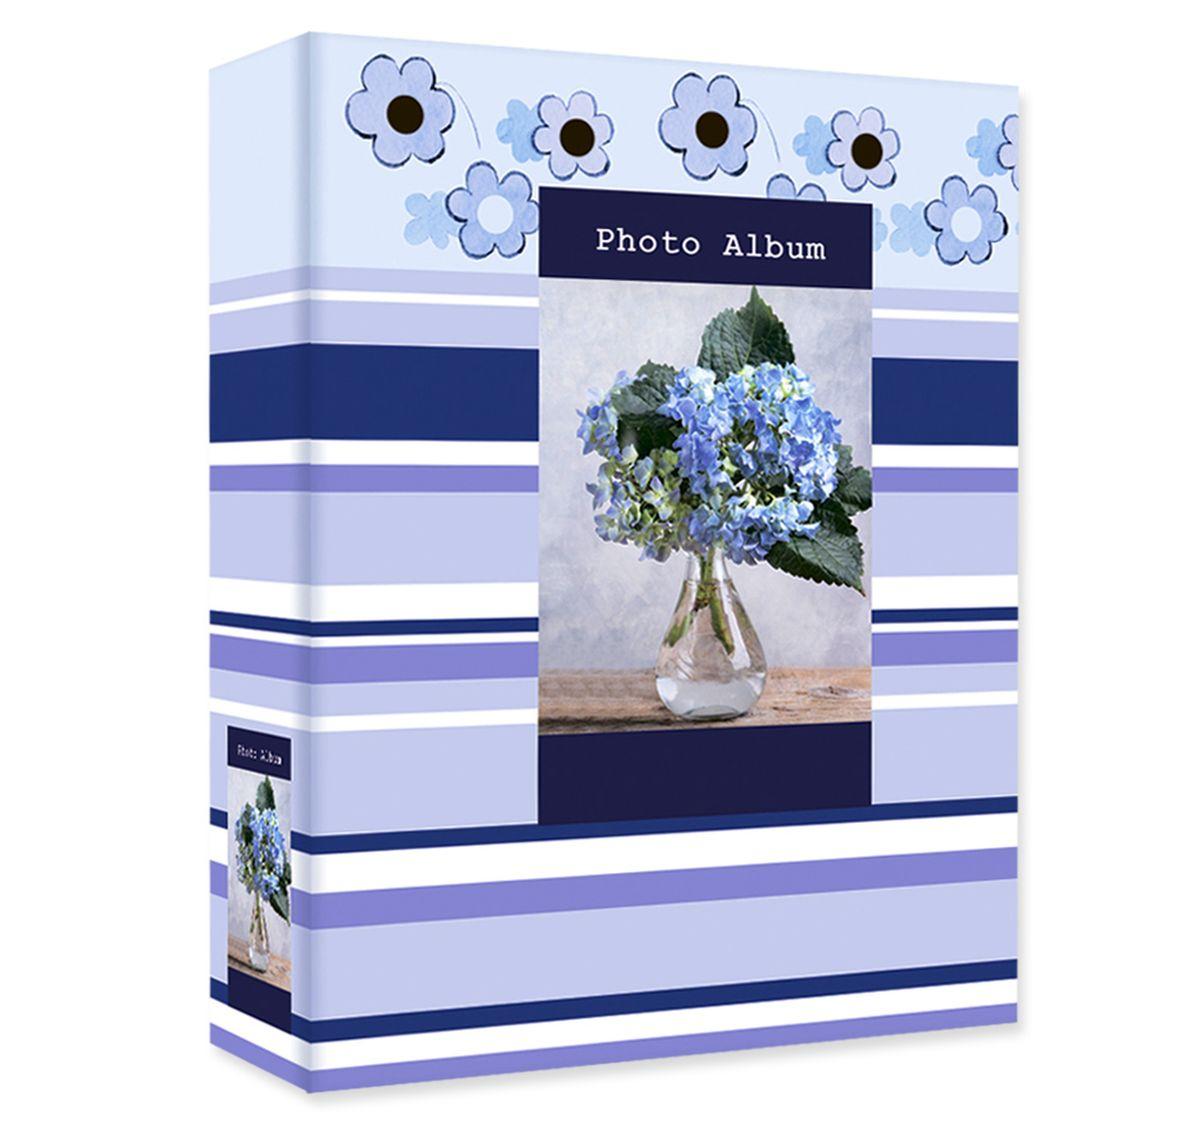 Фотоальбом Pioneer Early Spring, 100 фотографий, цвет: голубой, 10 х 15 см46259 PP-46100Альбом для фотографий формата 10х15 см.Тип обложки: ламинированный картон.Тип листов: полипропиленовые.Тип переплета: высокочастотная сварка.Кол-во фотографий: 100.Материалы, использованные в изготовлении альбома, обеспечивают высокое качество хранения Ваших фотографий, поэтому фотографии не желтеют со временем.